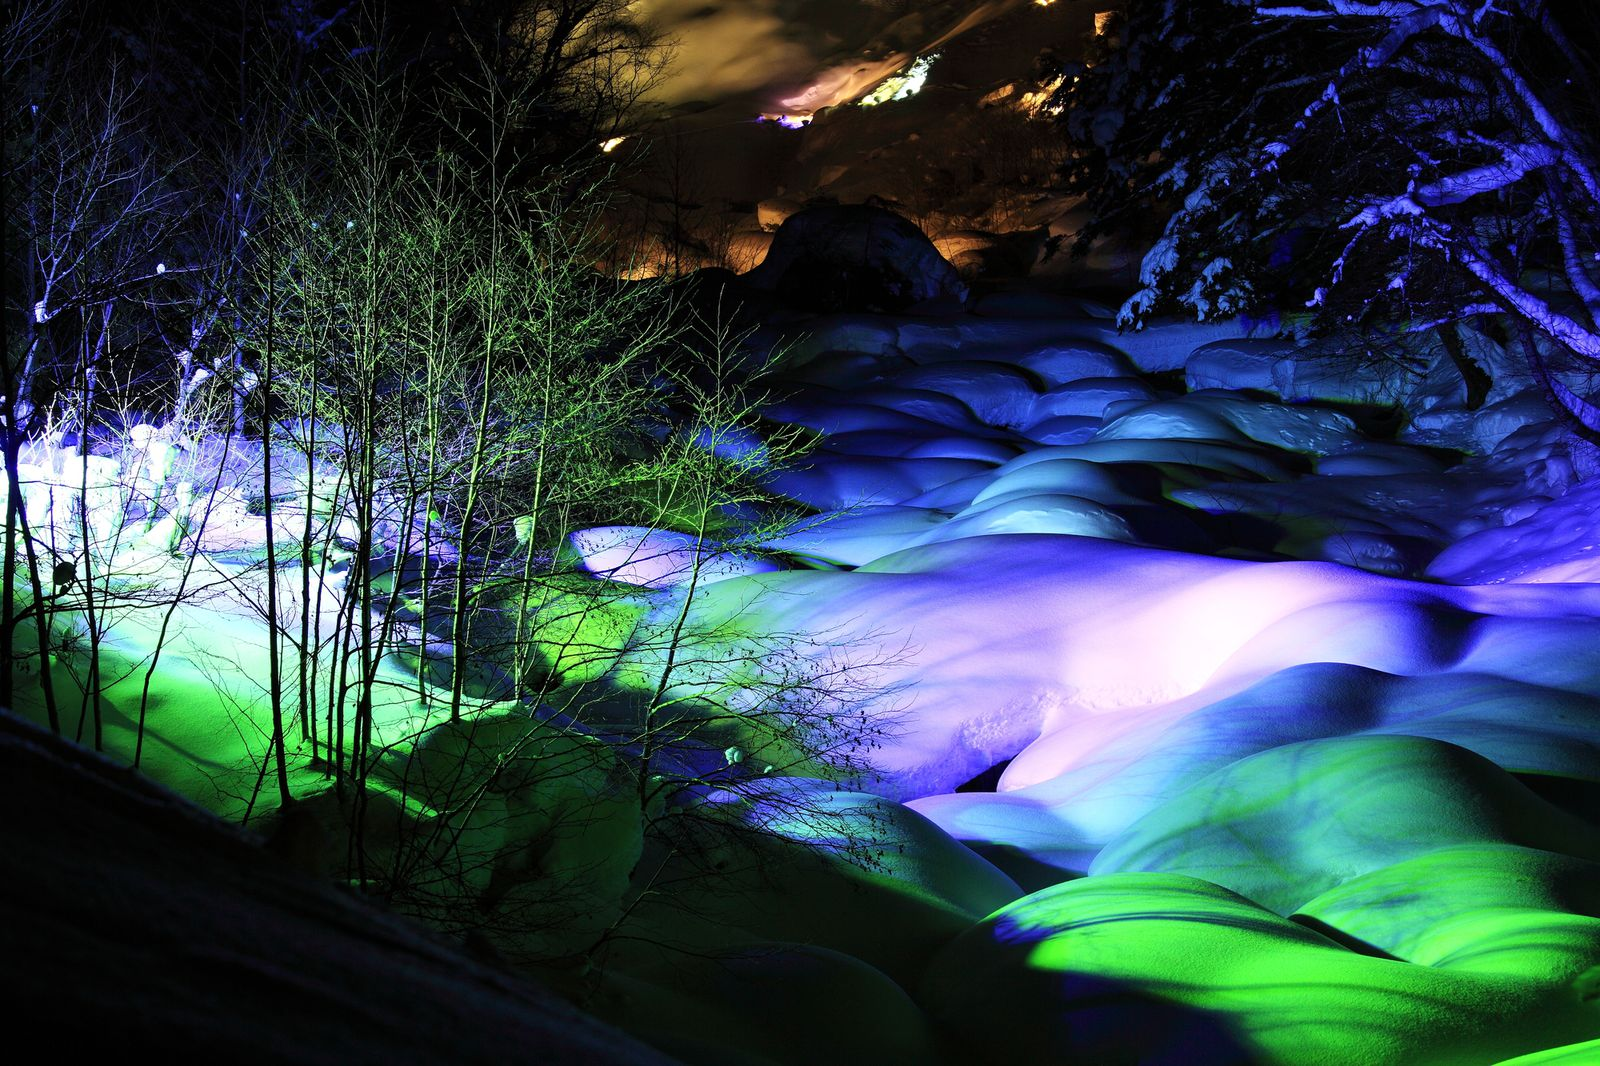 メイン画像 | 大自然が織りなす荘厳な景色!岐阜・平湯温泉で「平湯大滝結氷まつり」開催 | RETRIP[リトリップ]